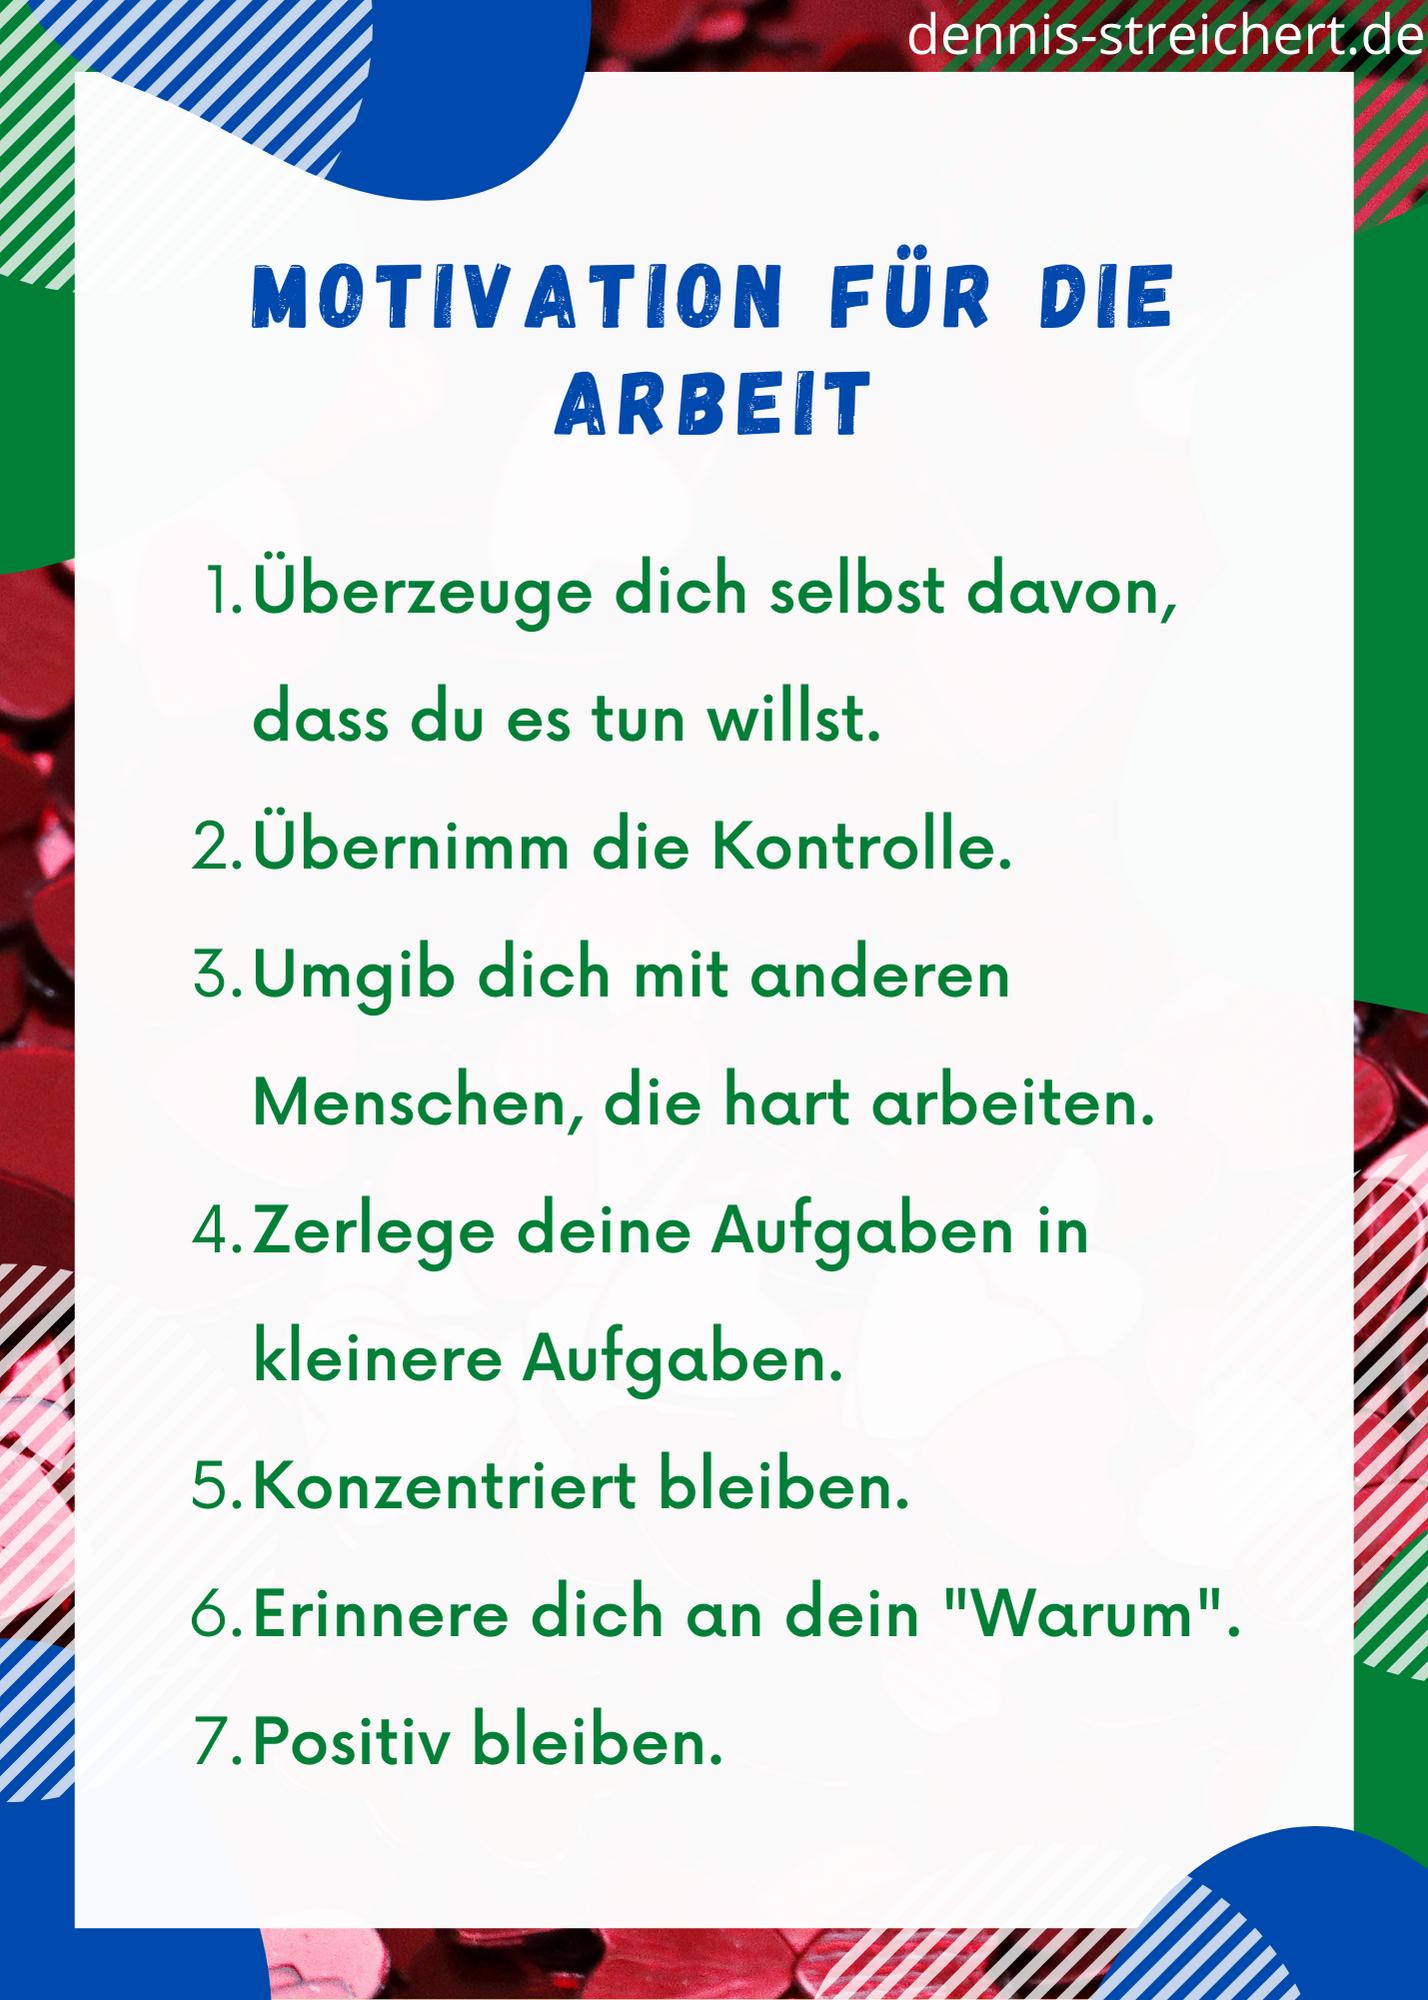 Motivation für die Arbeit - voll motiviert